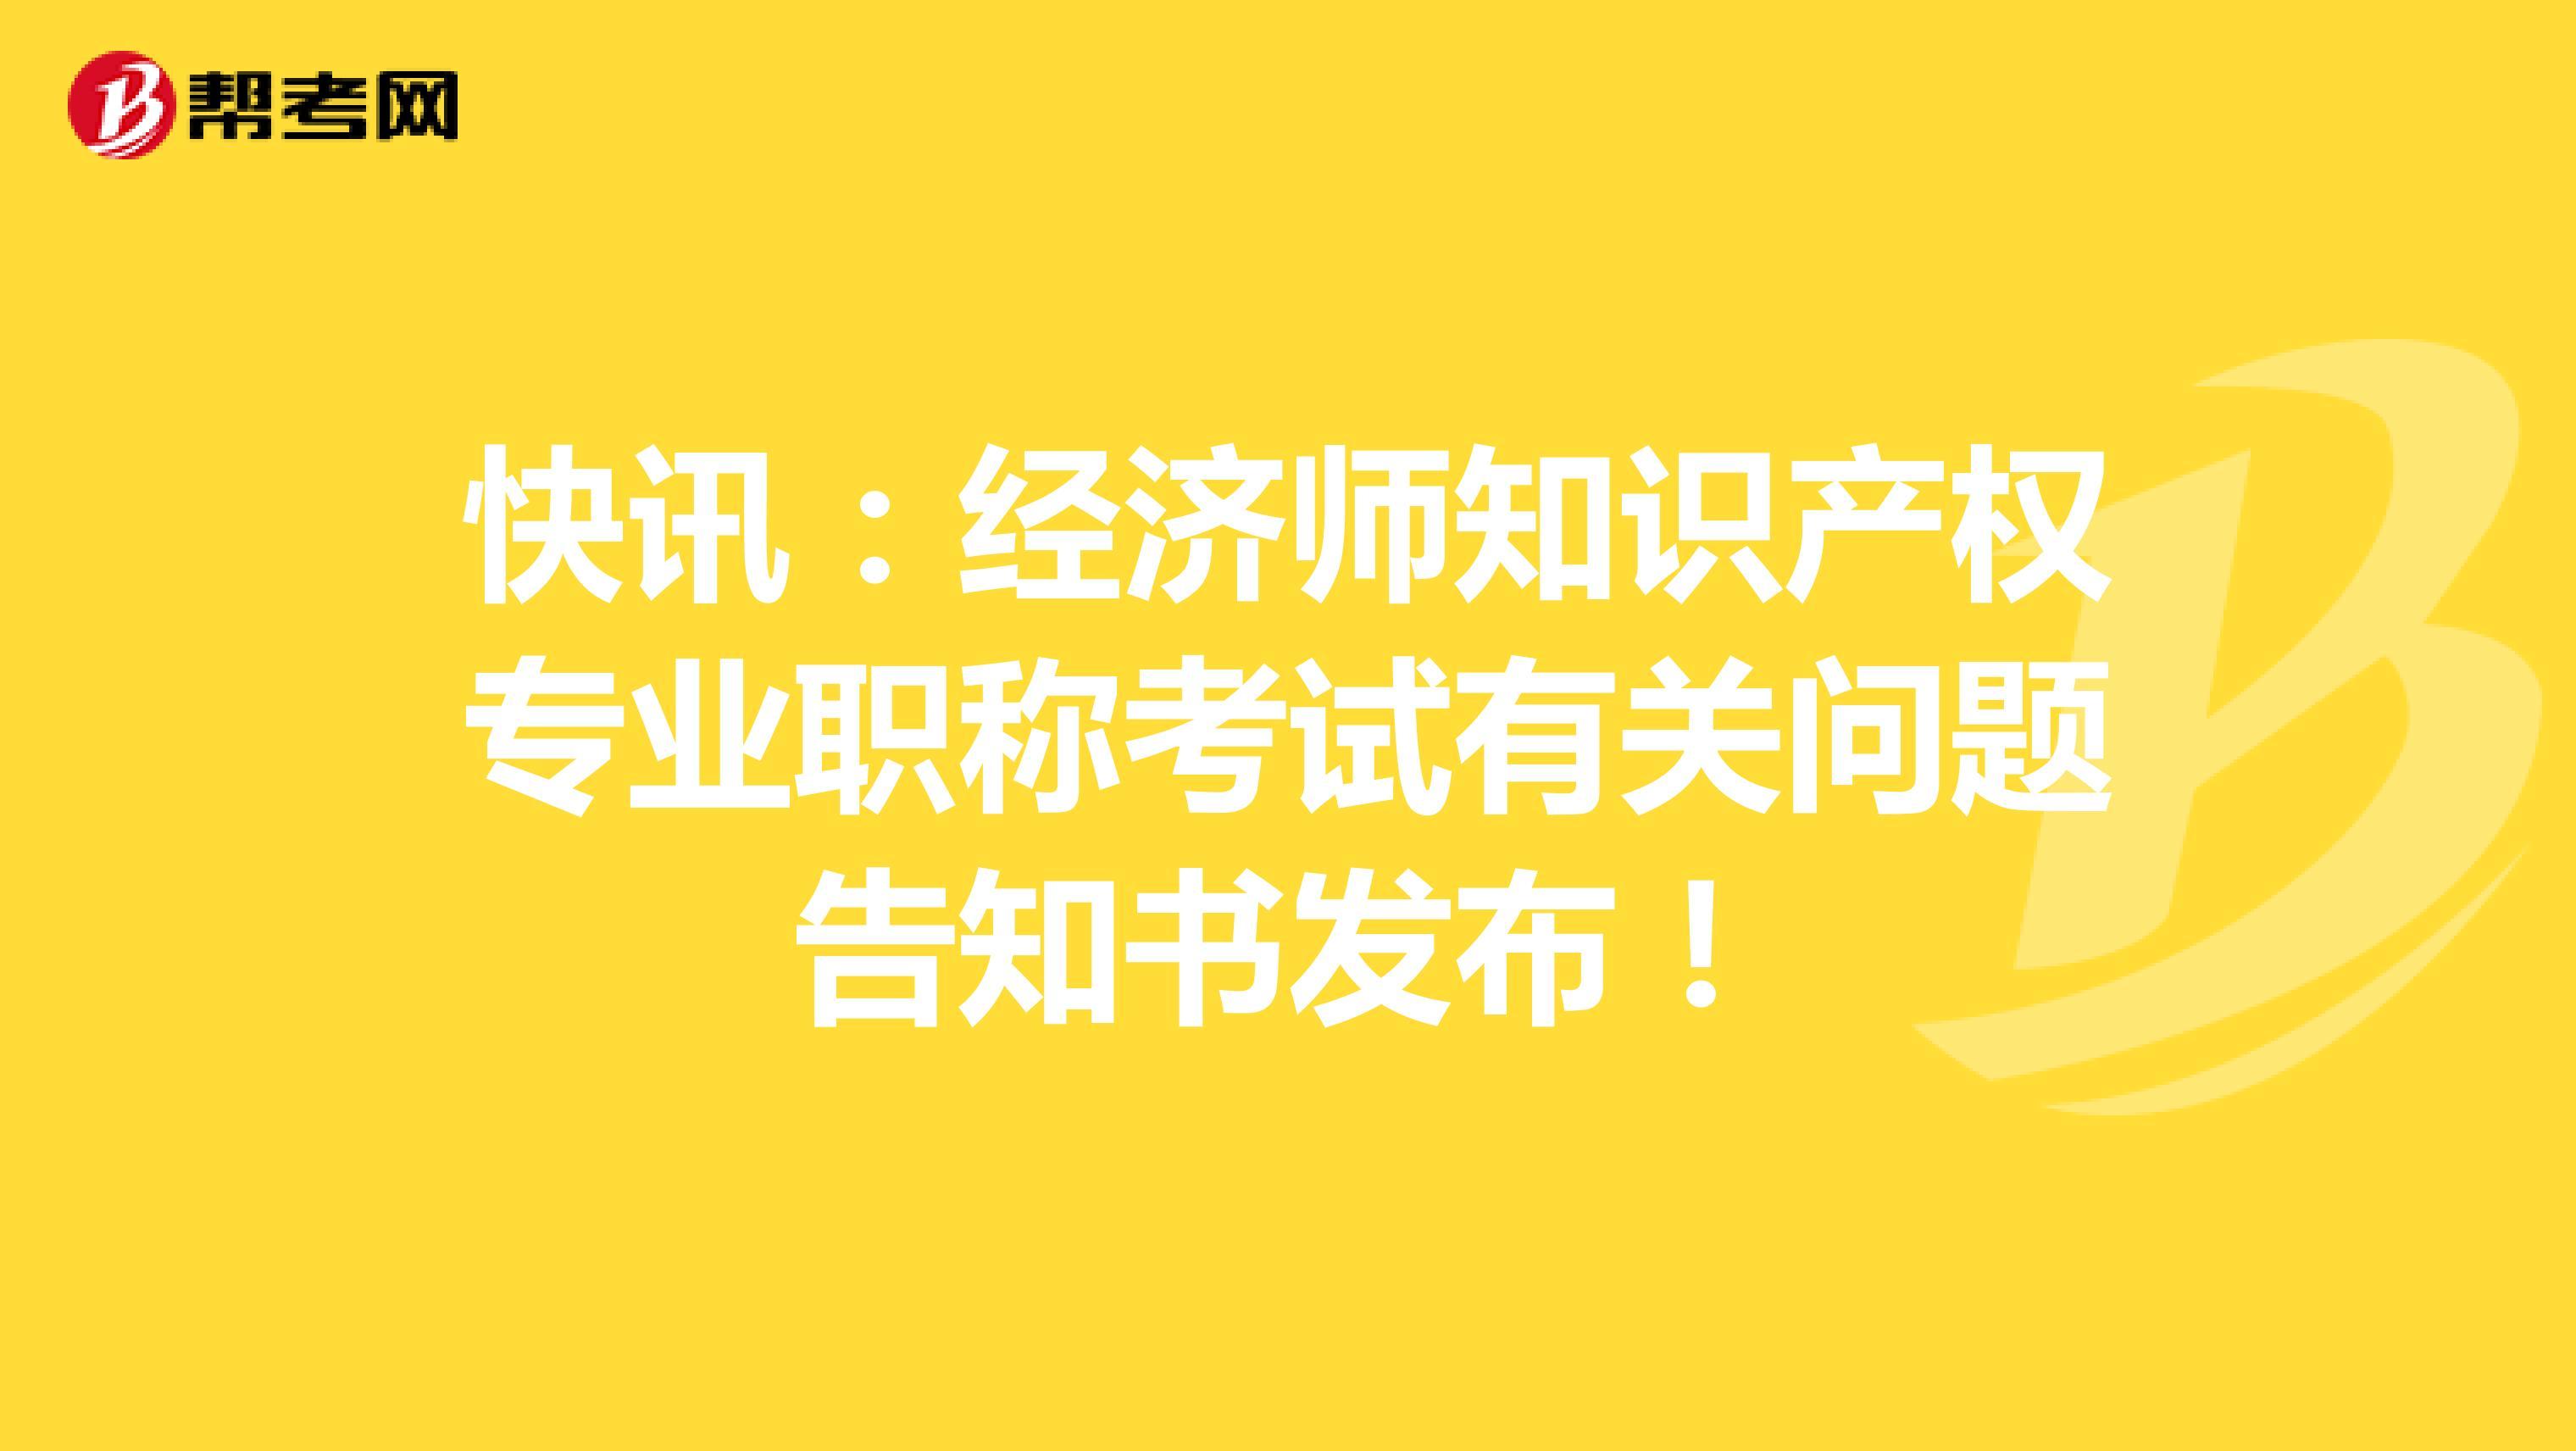 快讯:经济师知识产权专业职称考试有关问题告知书发布!